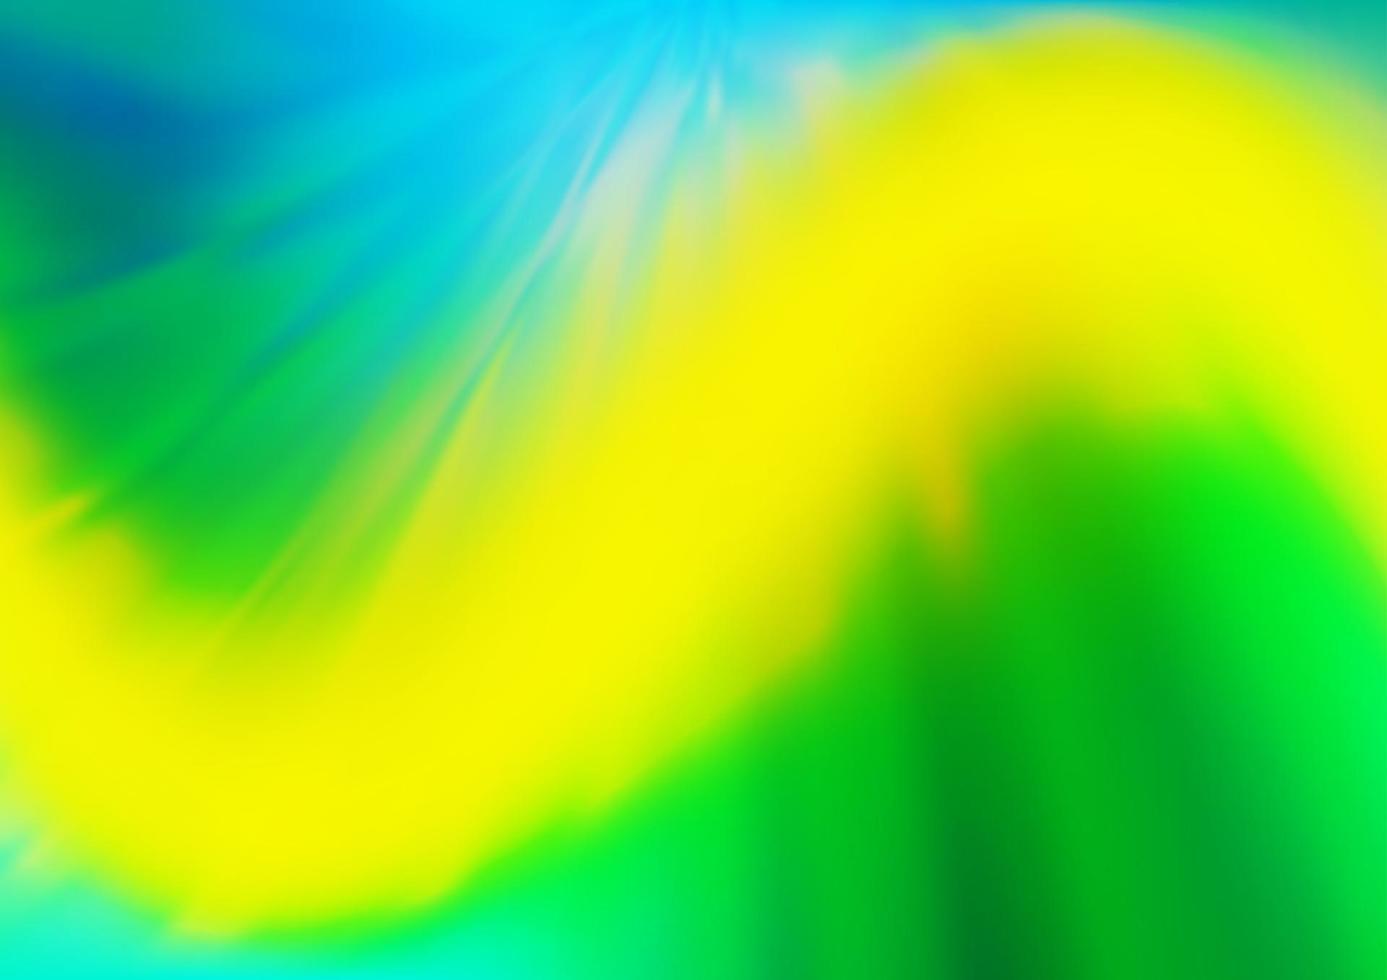 vetor verde escuro e amarelo turva e fundo colorido.